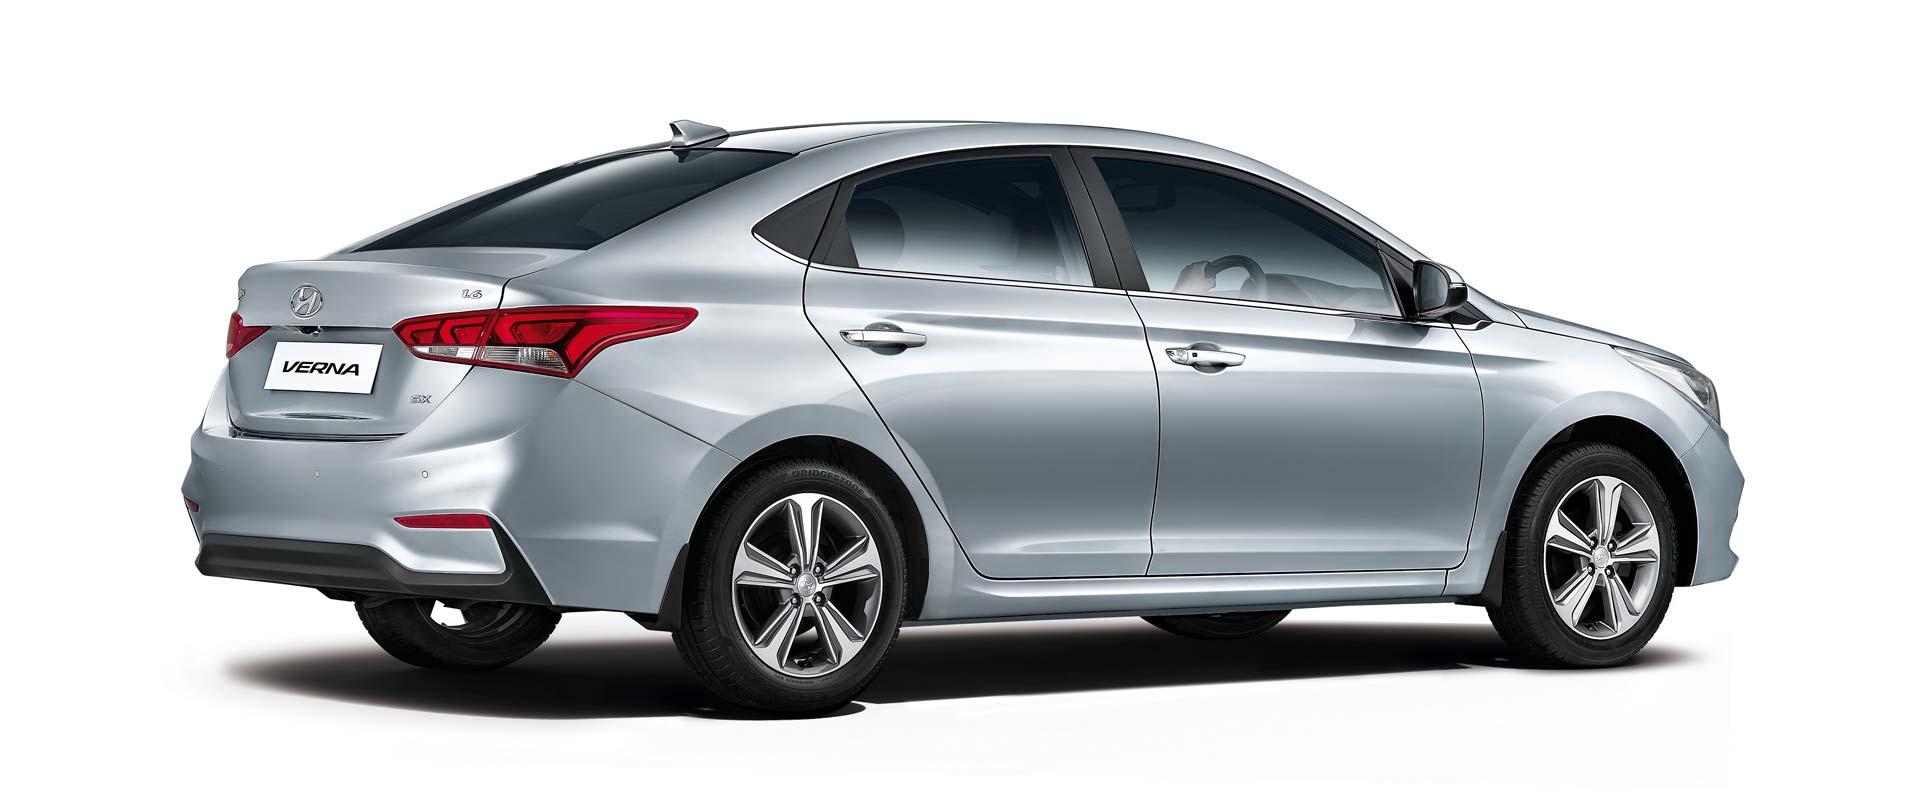 2017-Hyundai-Verna-facelift_2